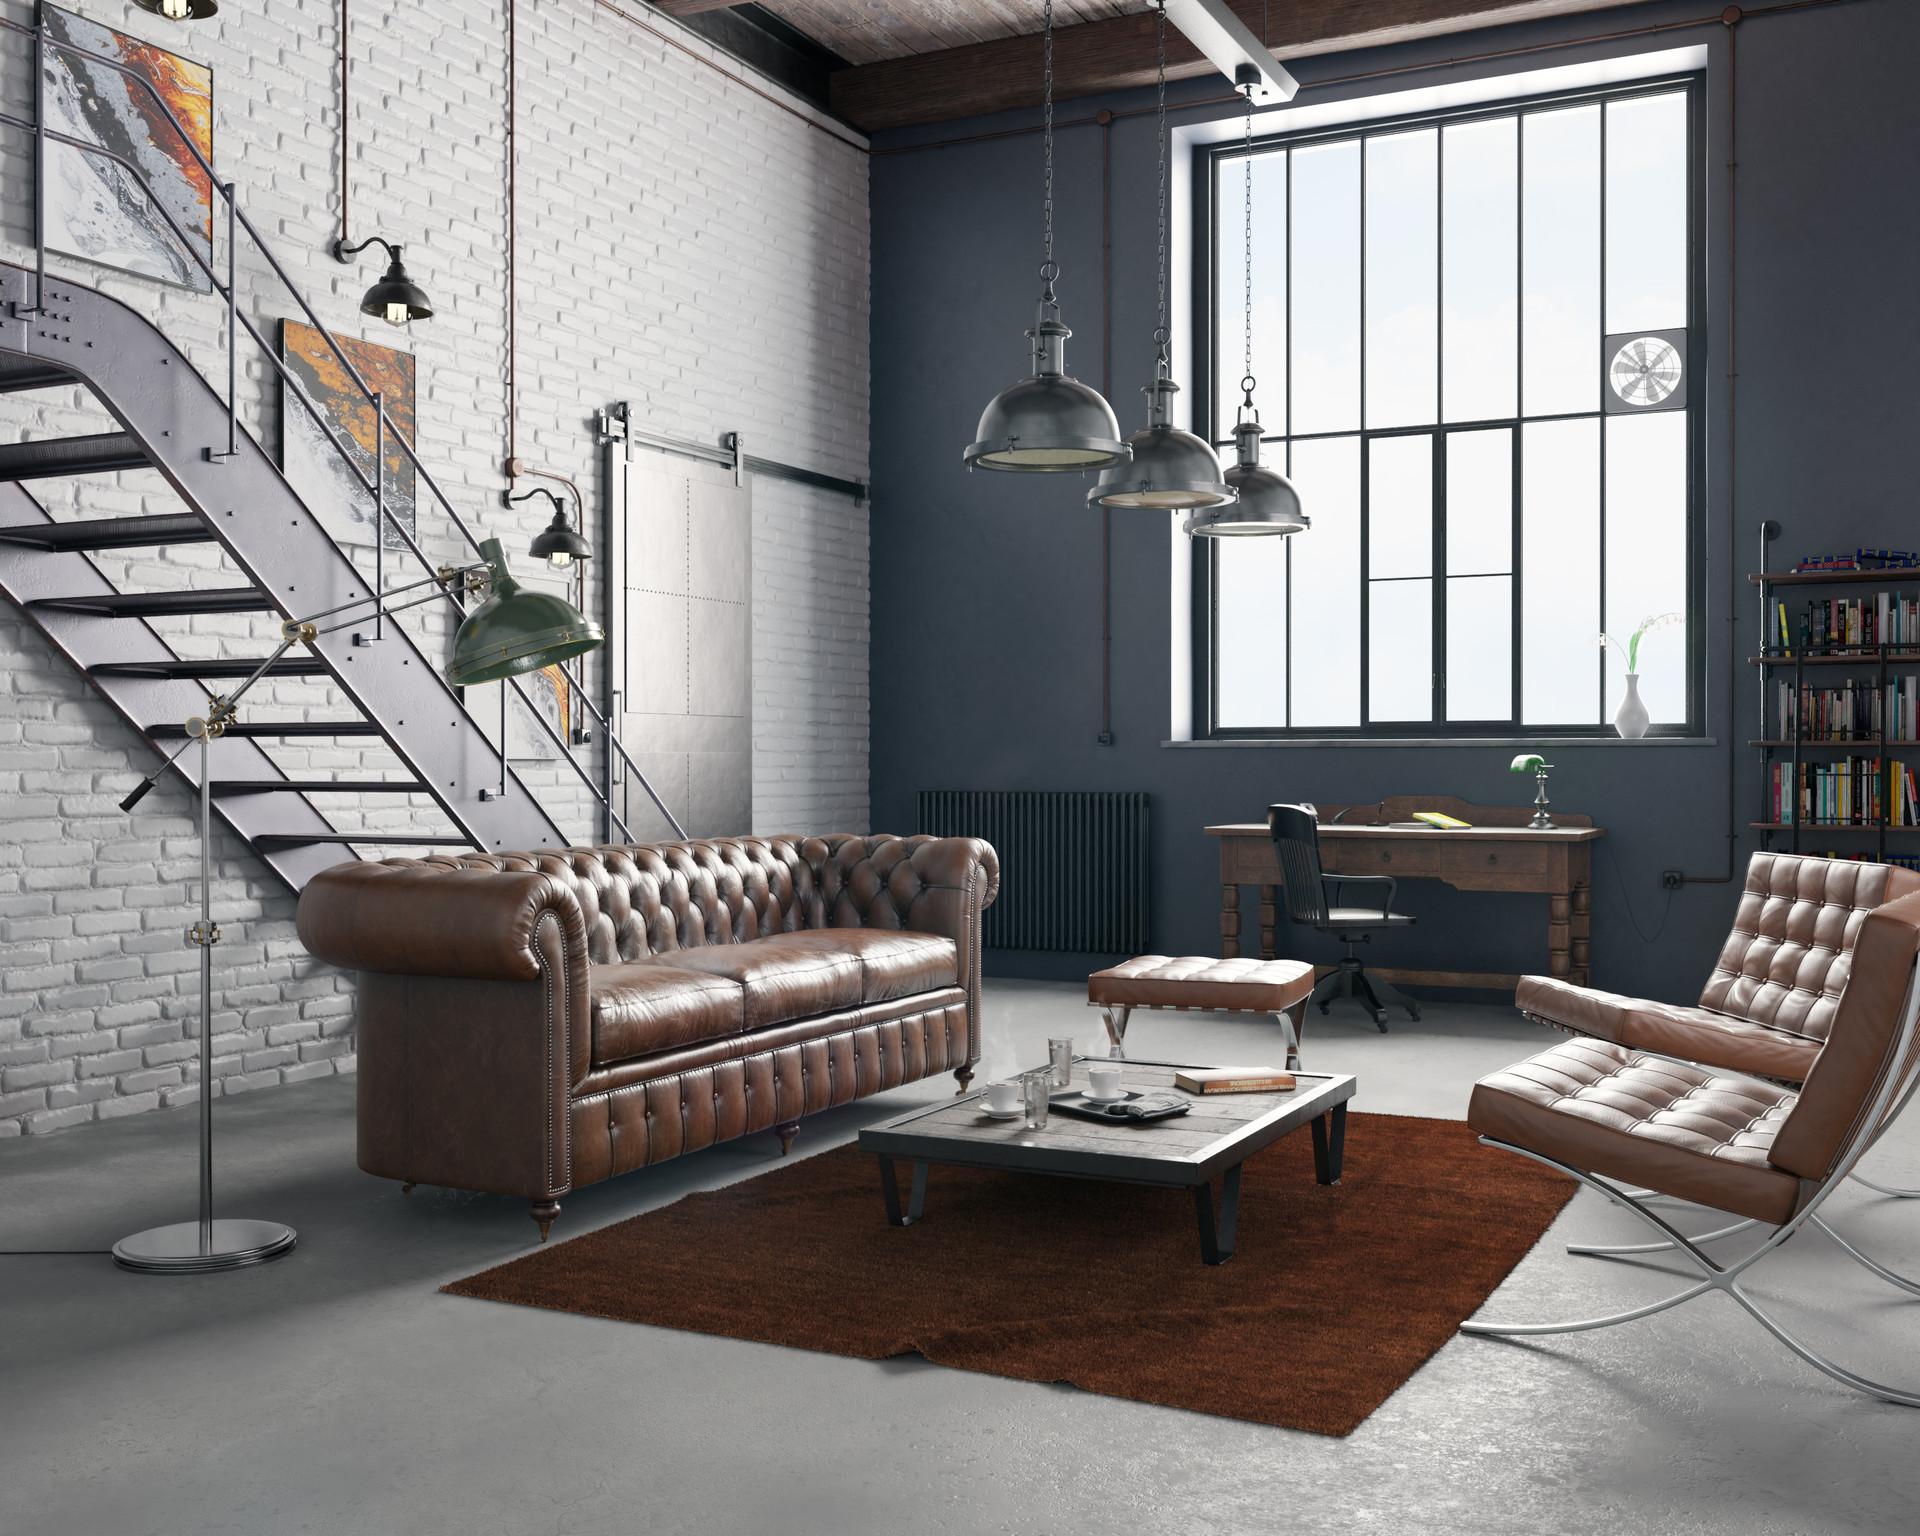 ArtStation - Industrial Loft with vintage furniture, Nick Mez